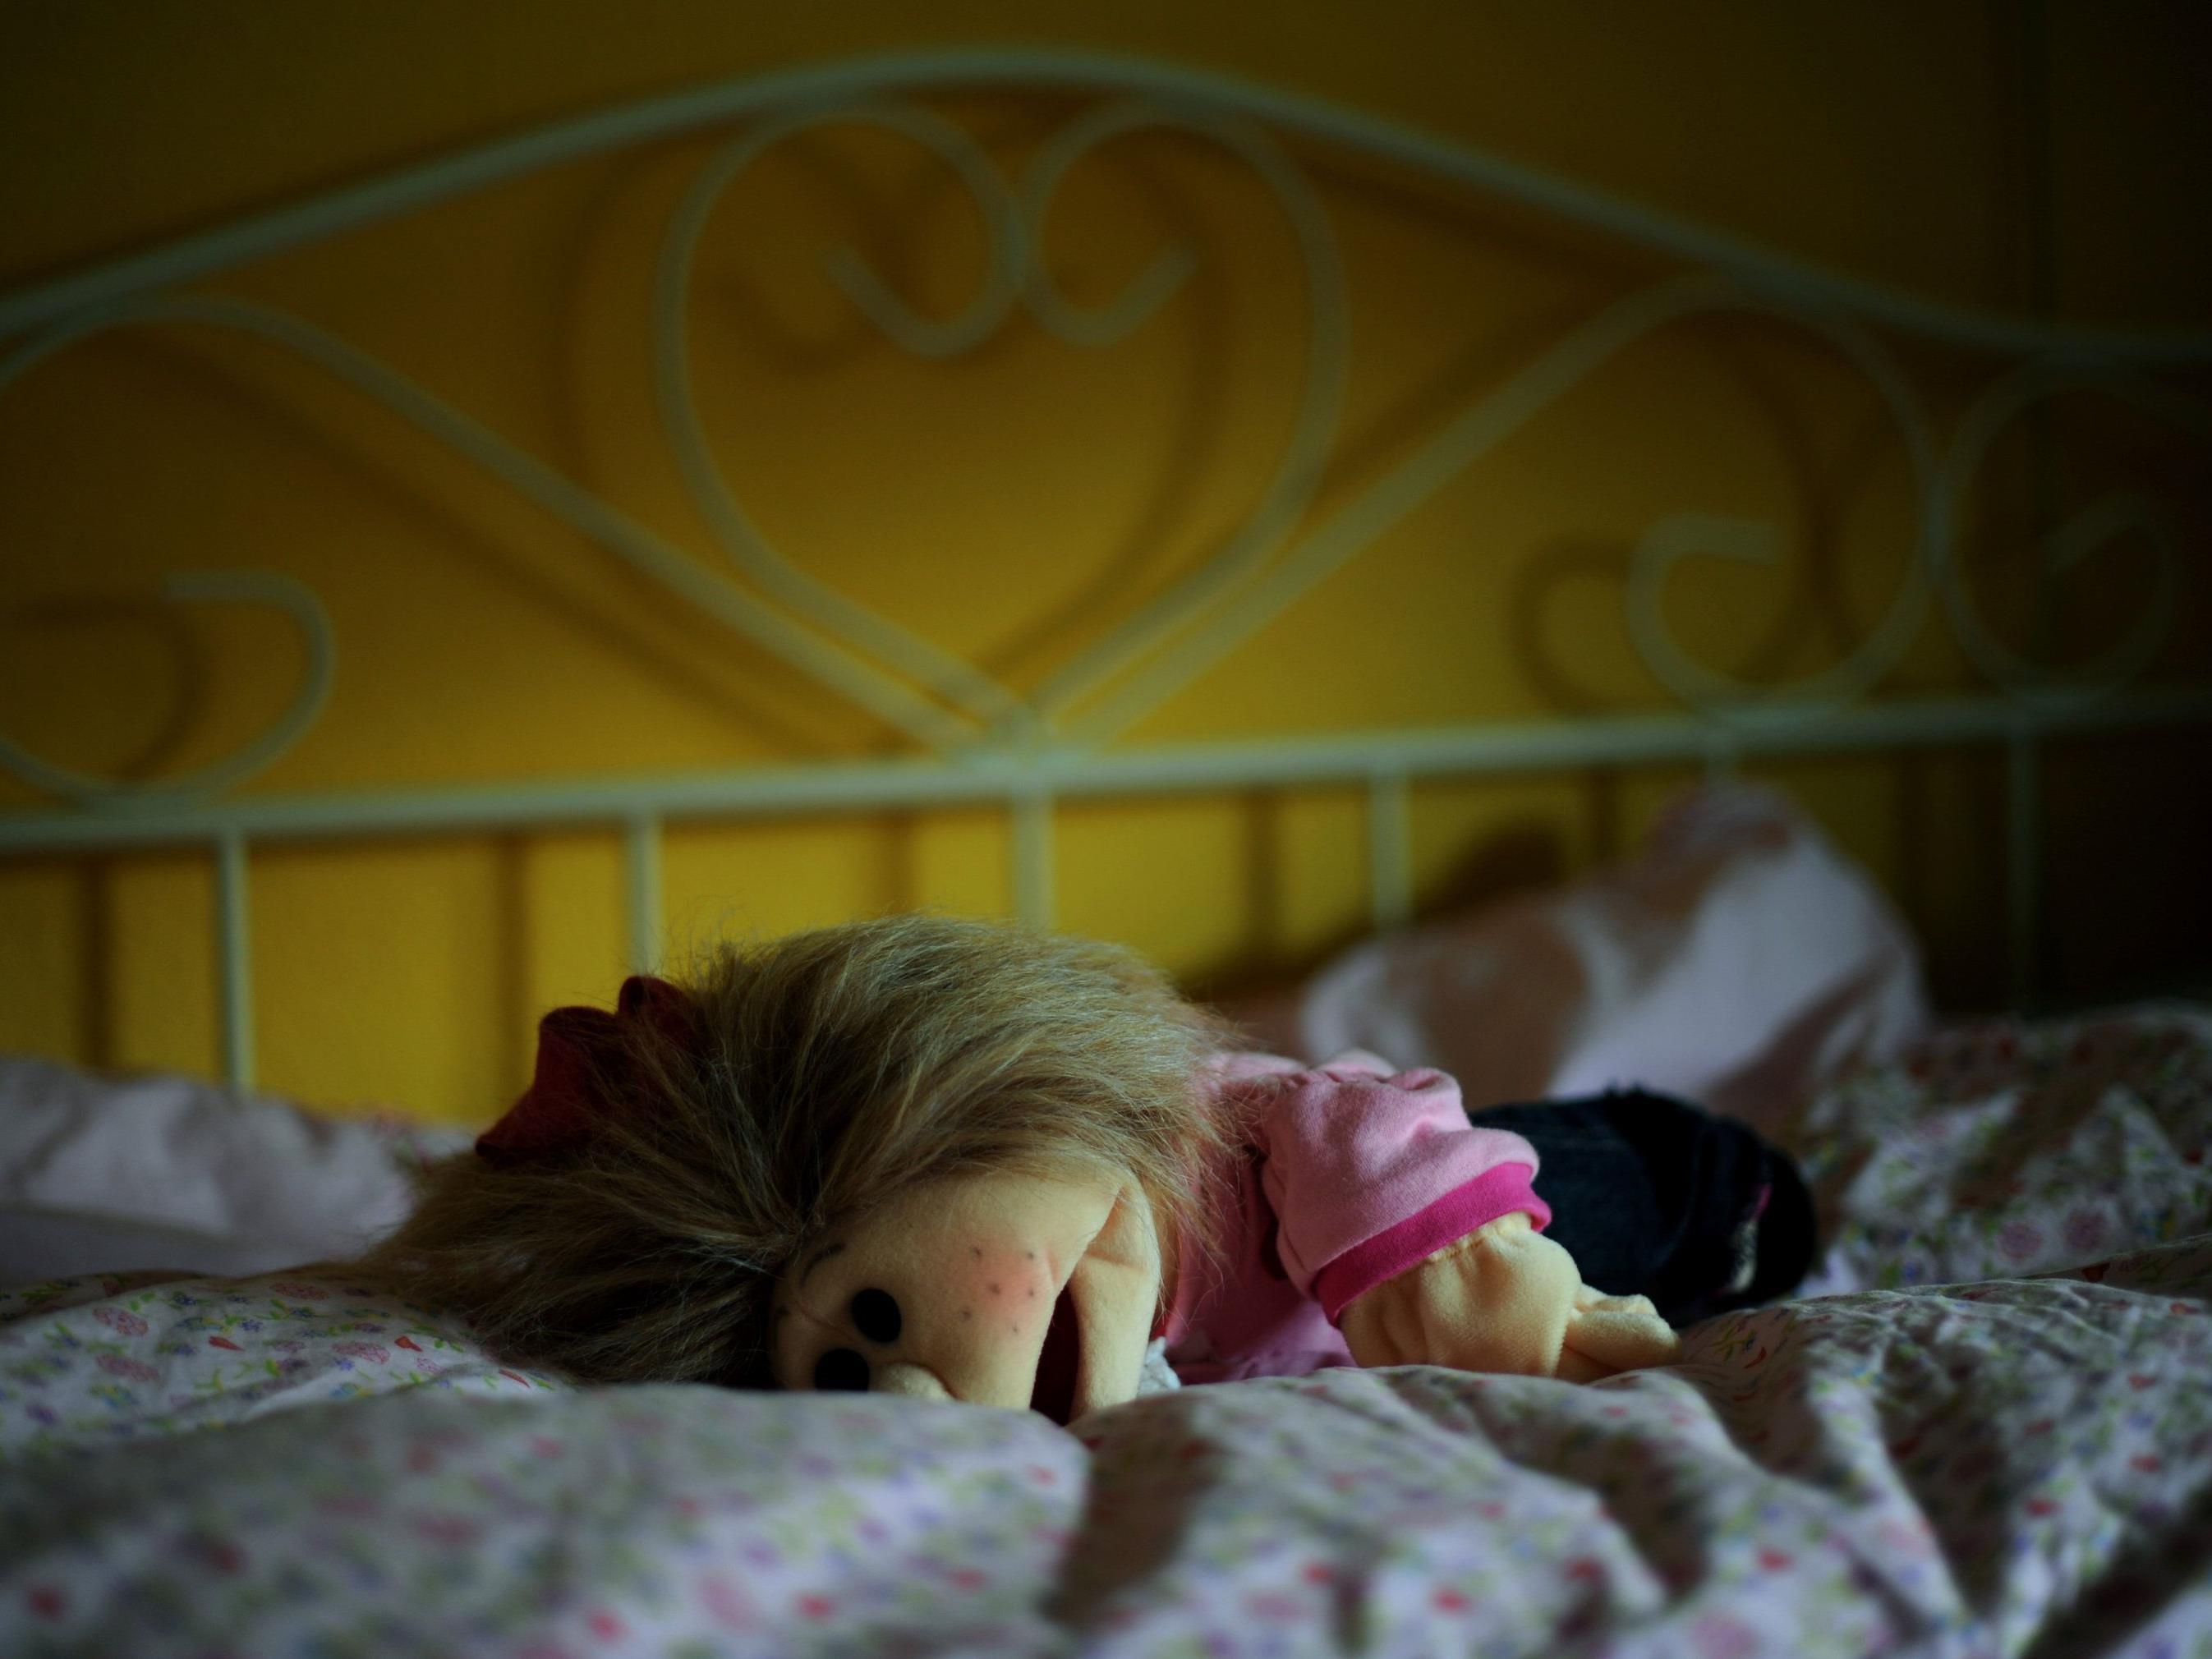 Ein Einjähriger schluckte in Tirol Kokain. Der Vater hatte es in der Wohnung verloren.